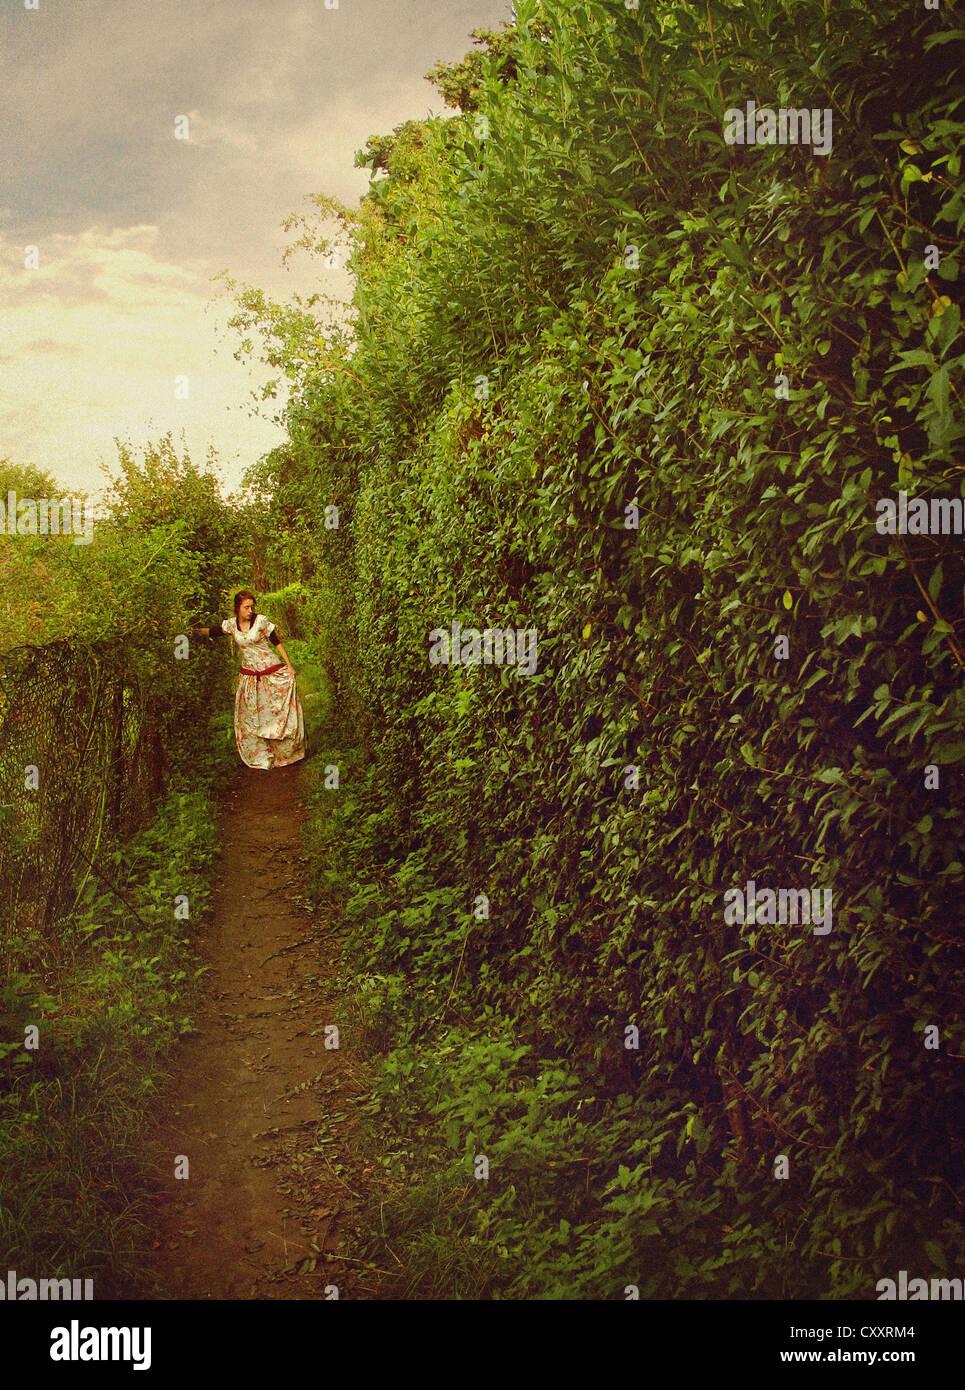 Una mujer en un vestido floral blanco, caminando por un sendero en un jardín / laberinto. Imagen De Stock